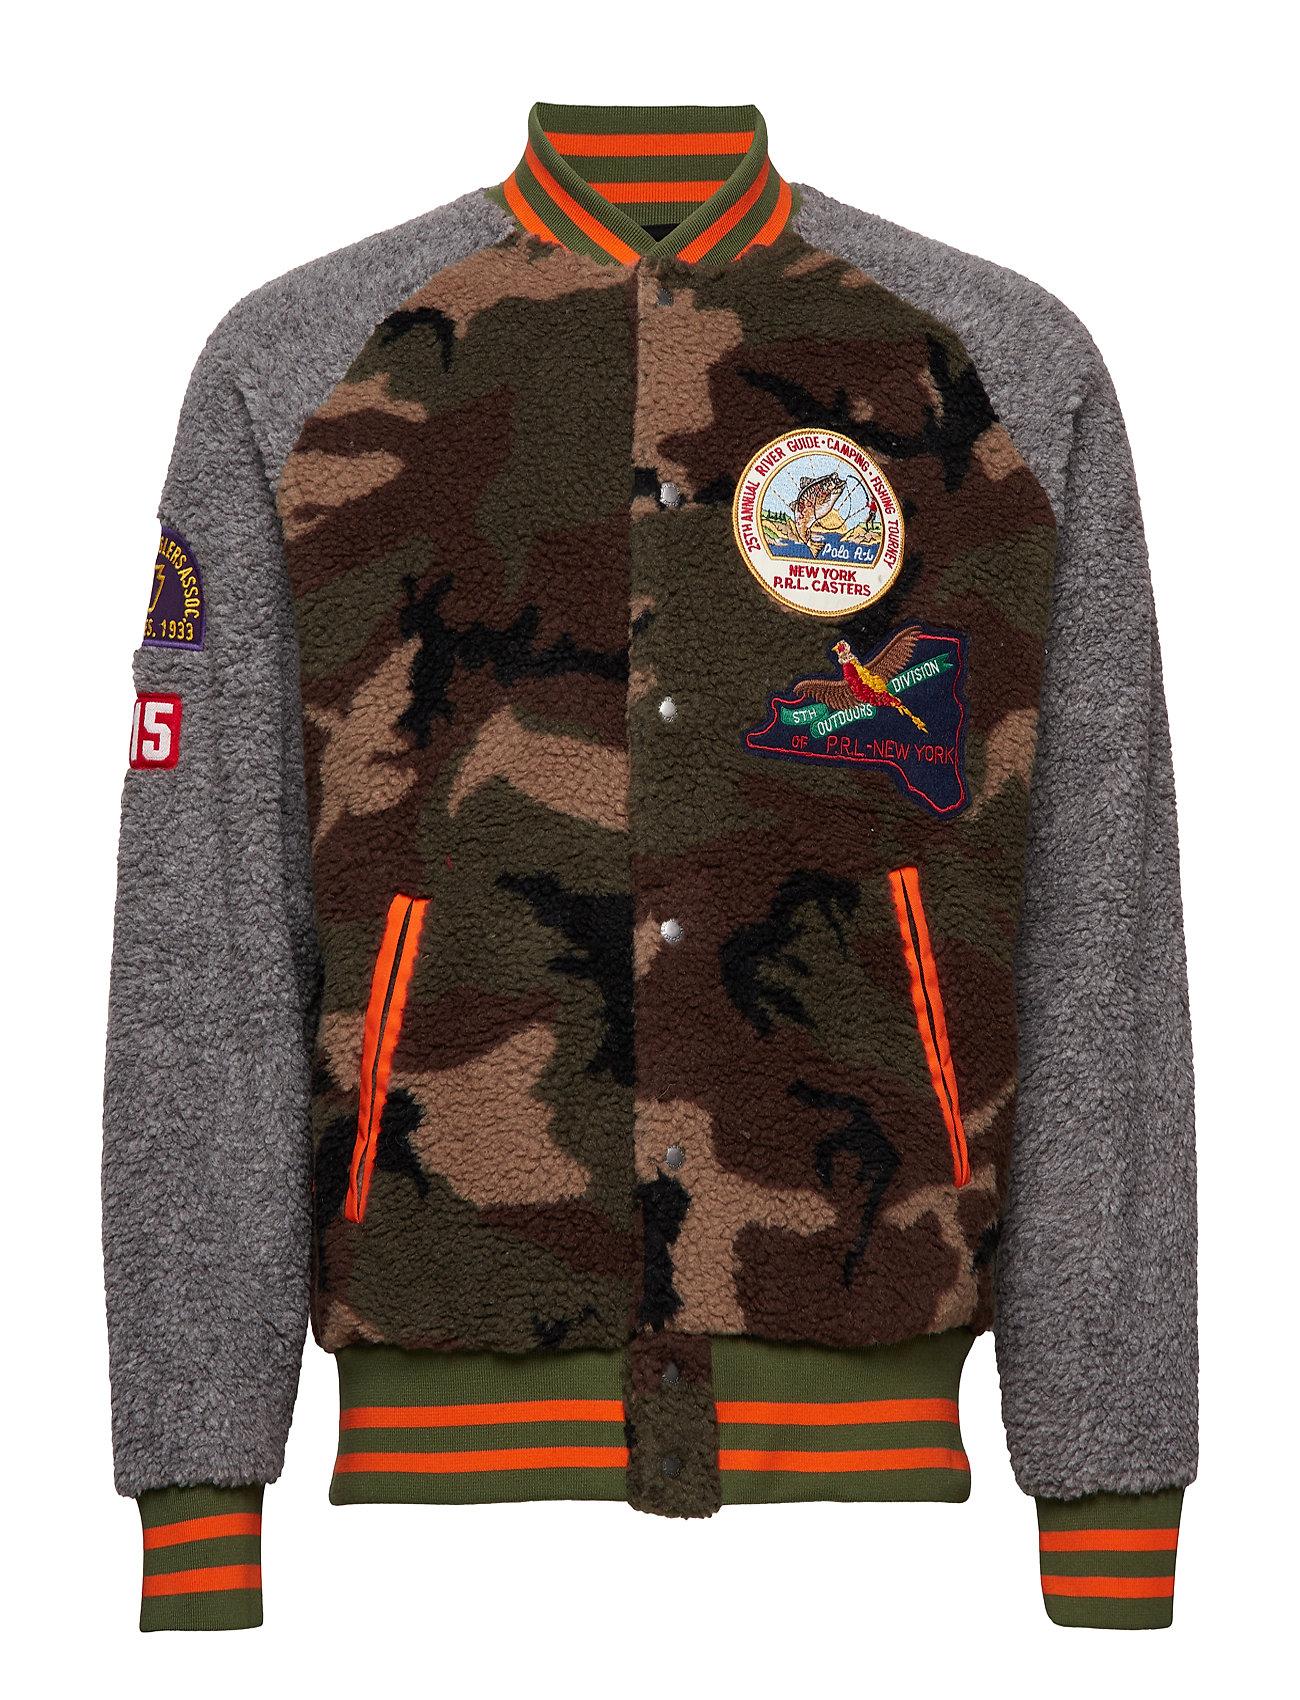 5e80d50908130 Camo Fleece Baseball Jacket (Camo/dark Vintage) (£142.45) - Polo ...